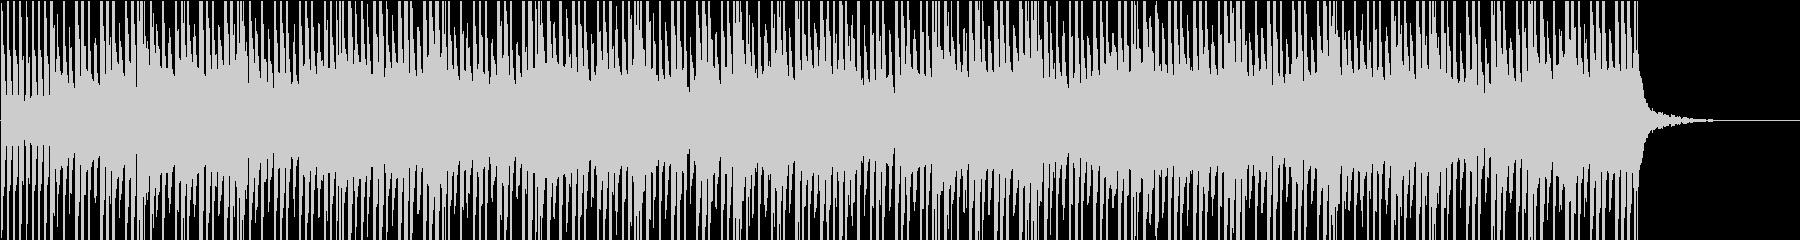 サイファービート3の未再生の波形